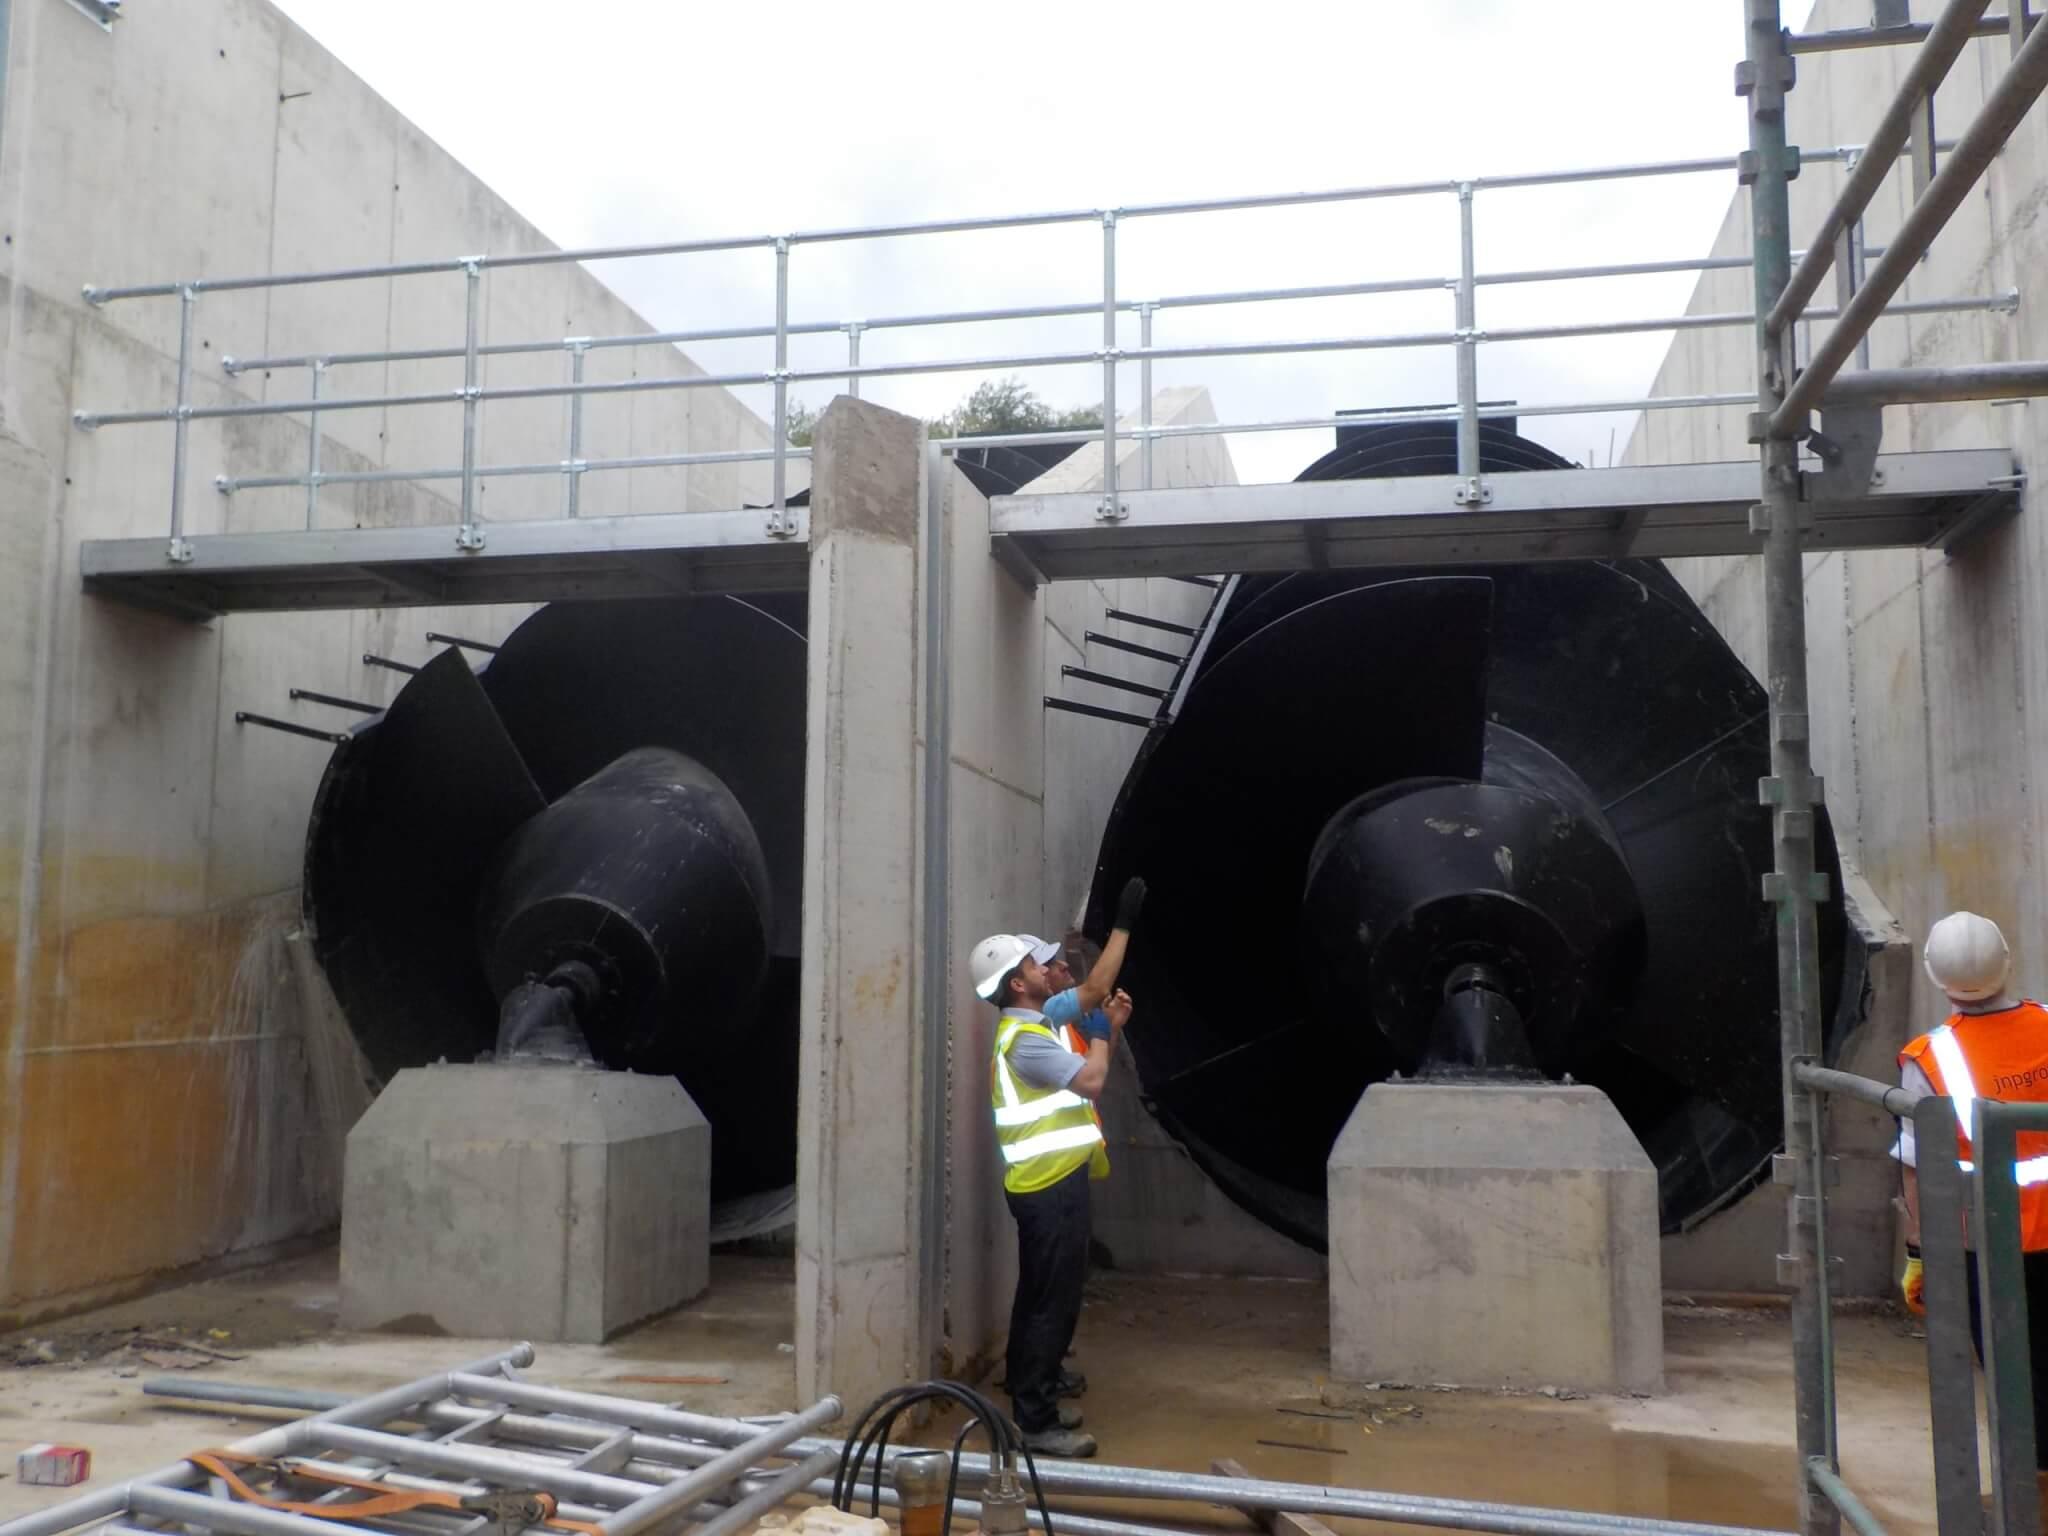 Thrybergh Hydropower Scheme